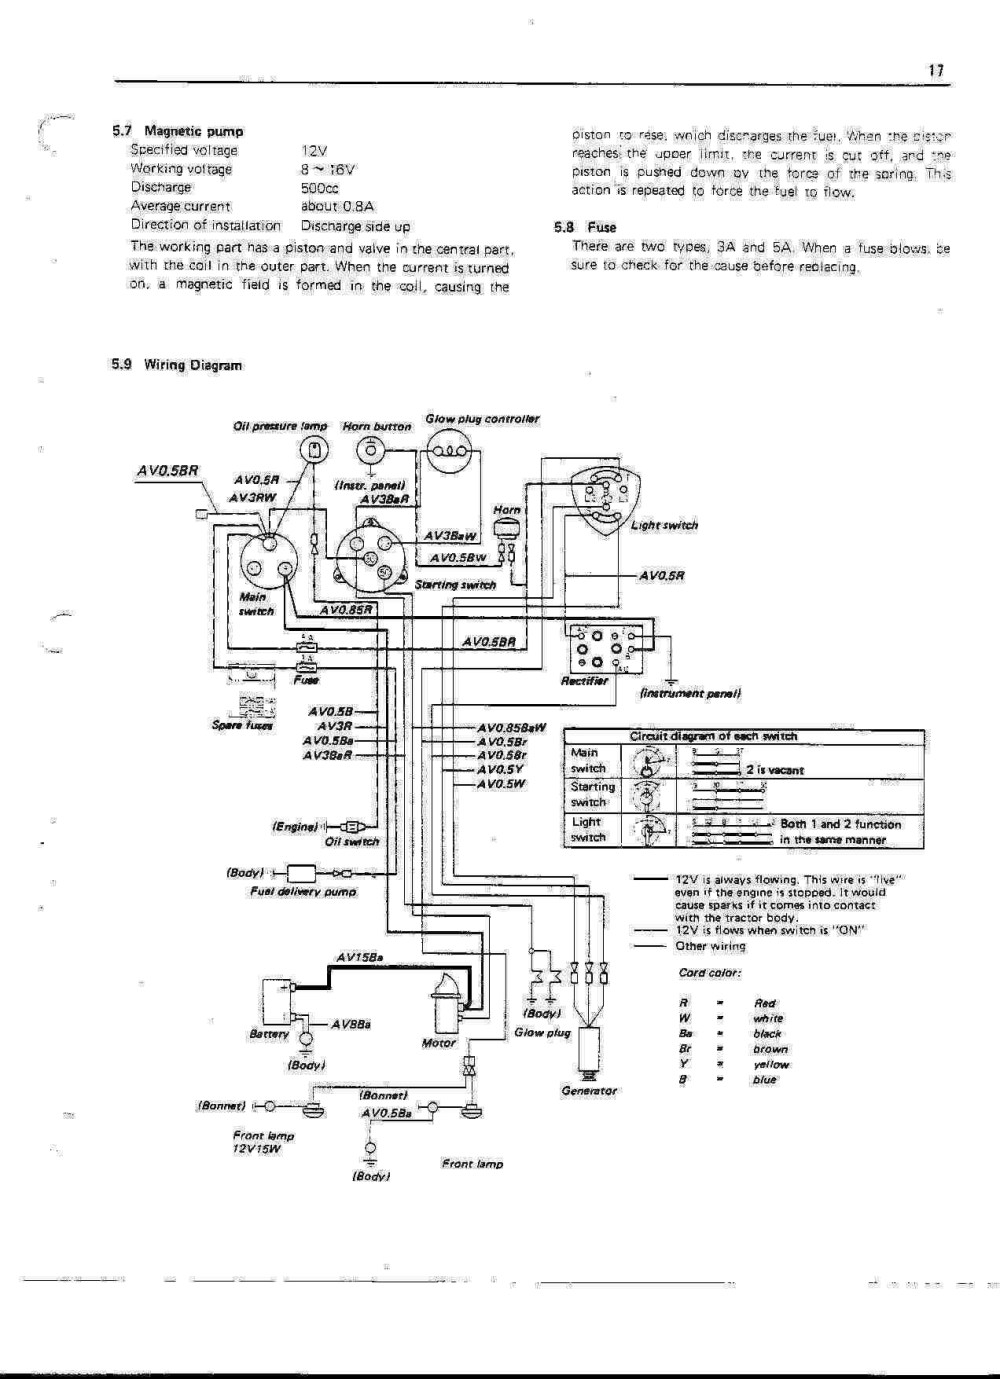 medium resolution of kubota wiring diagram pdf free wiring diagram kubota alternator wiring diagram kubota wire diagram